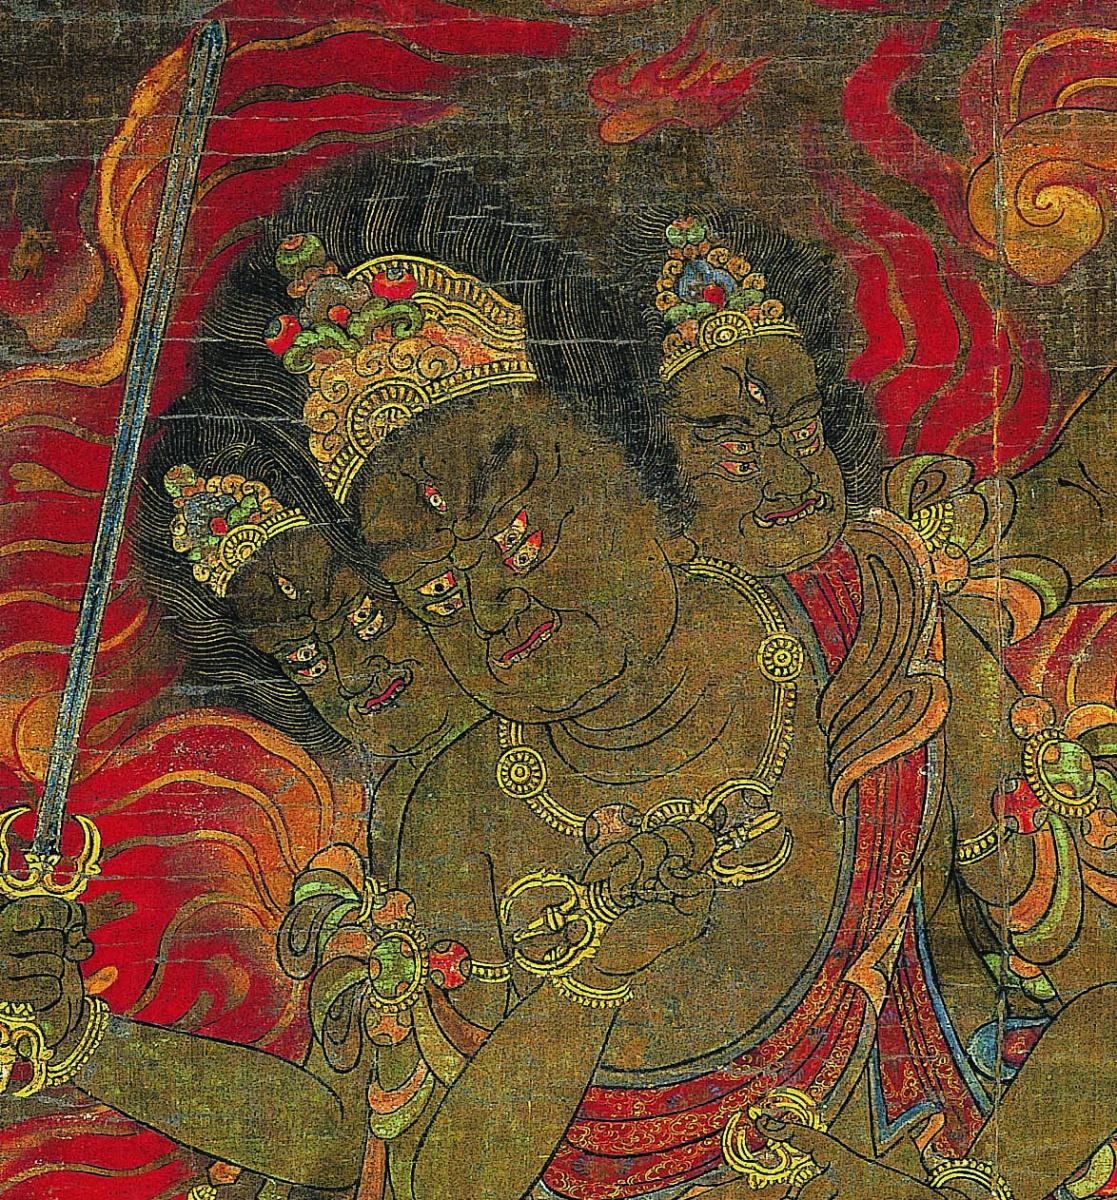 仏の表情から信仰のあり方を知る、根津美術館『優しいほとけ・怖いほとけ』展。